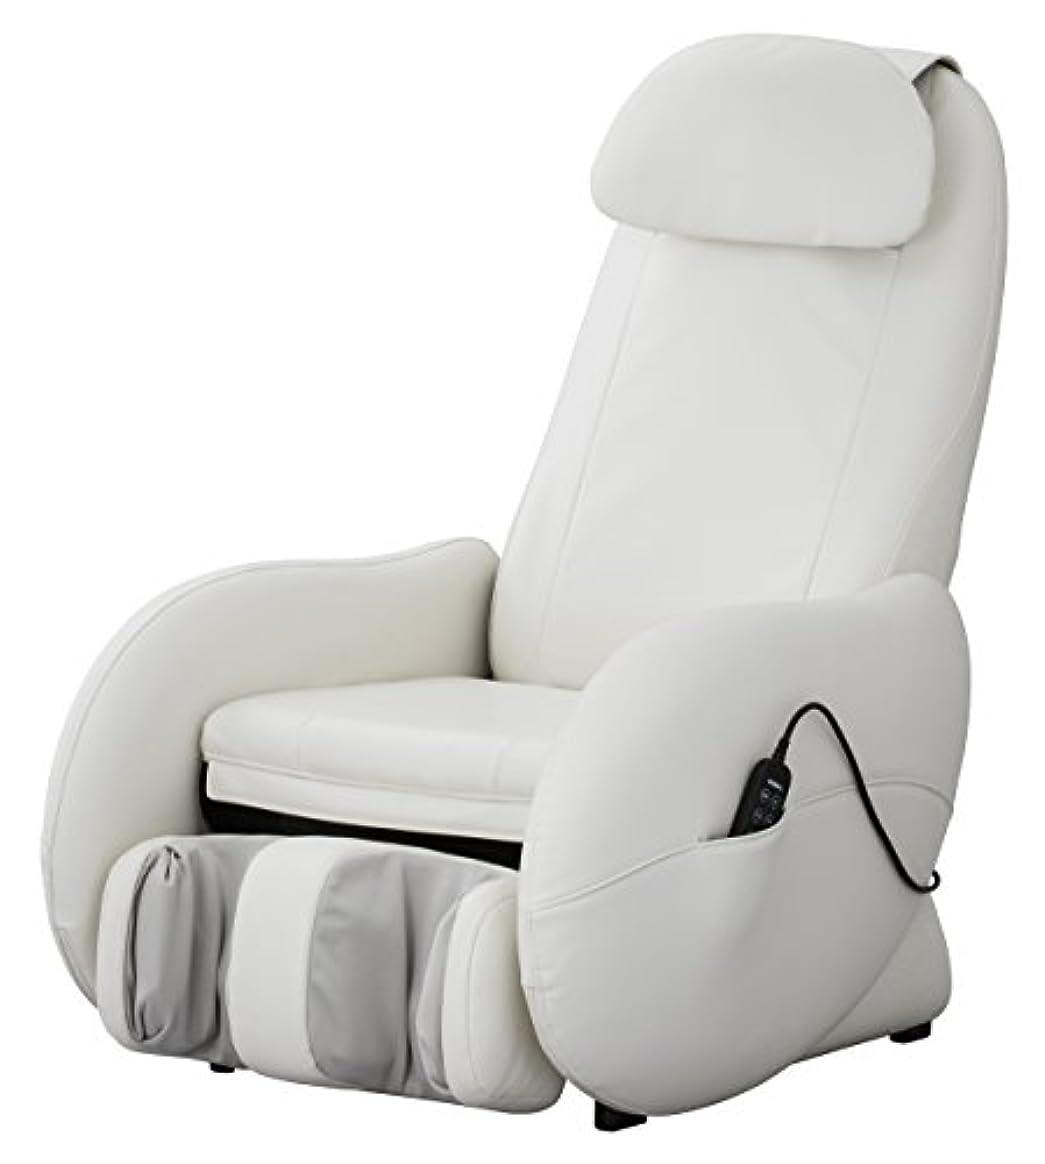 プール交じる我慢するスライヴ くつろぎ指定席Light マッサージチェア CHD-3500-WH ホワイト 正規品 おしゃれ コンパクト 小型